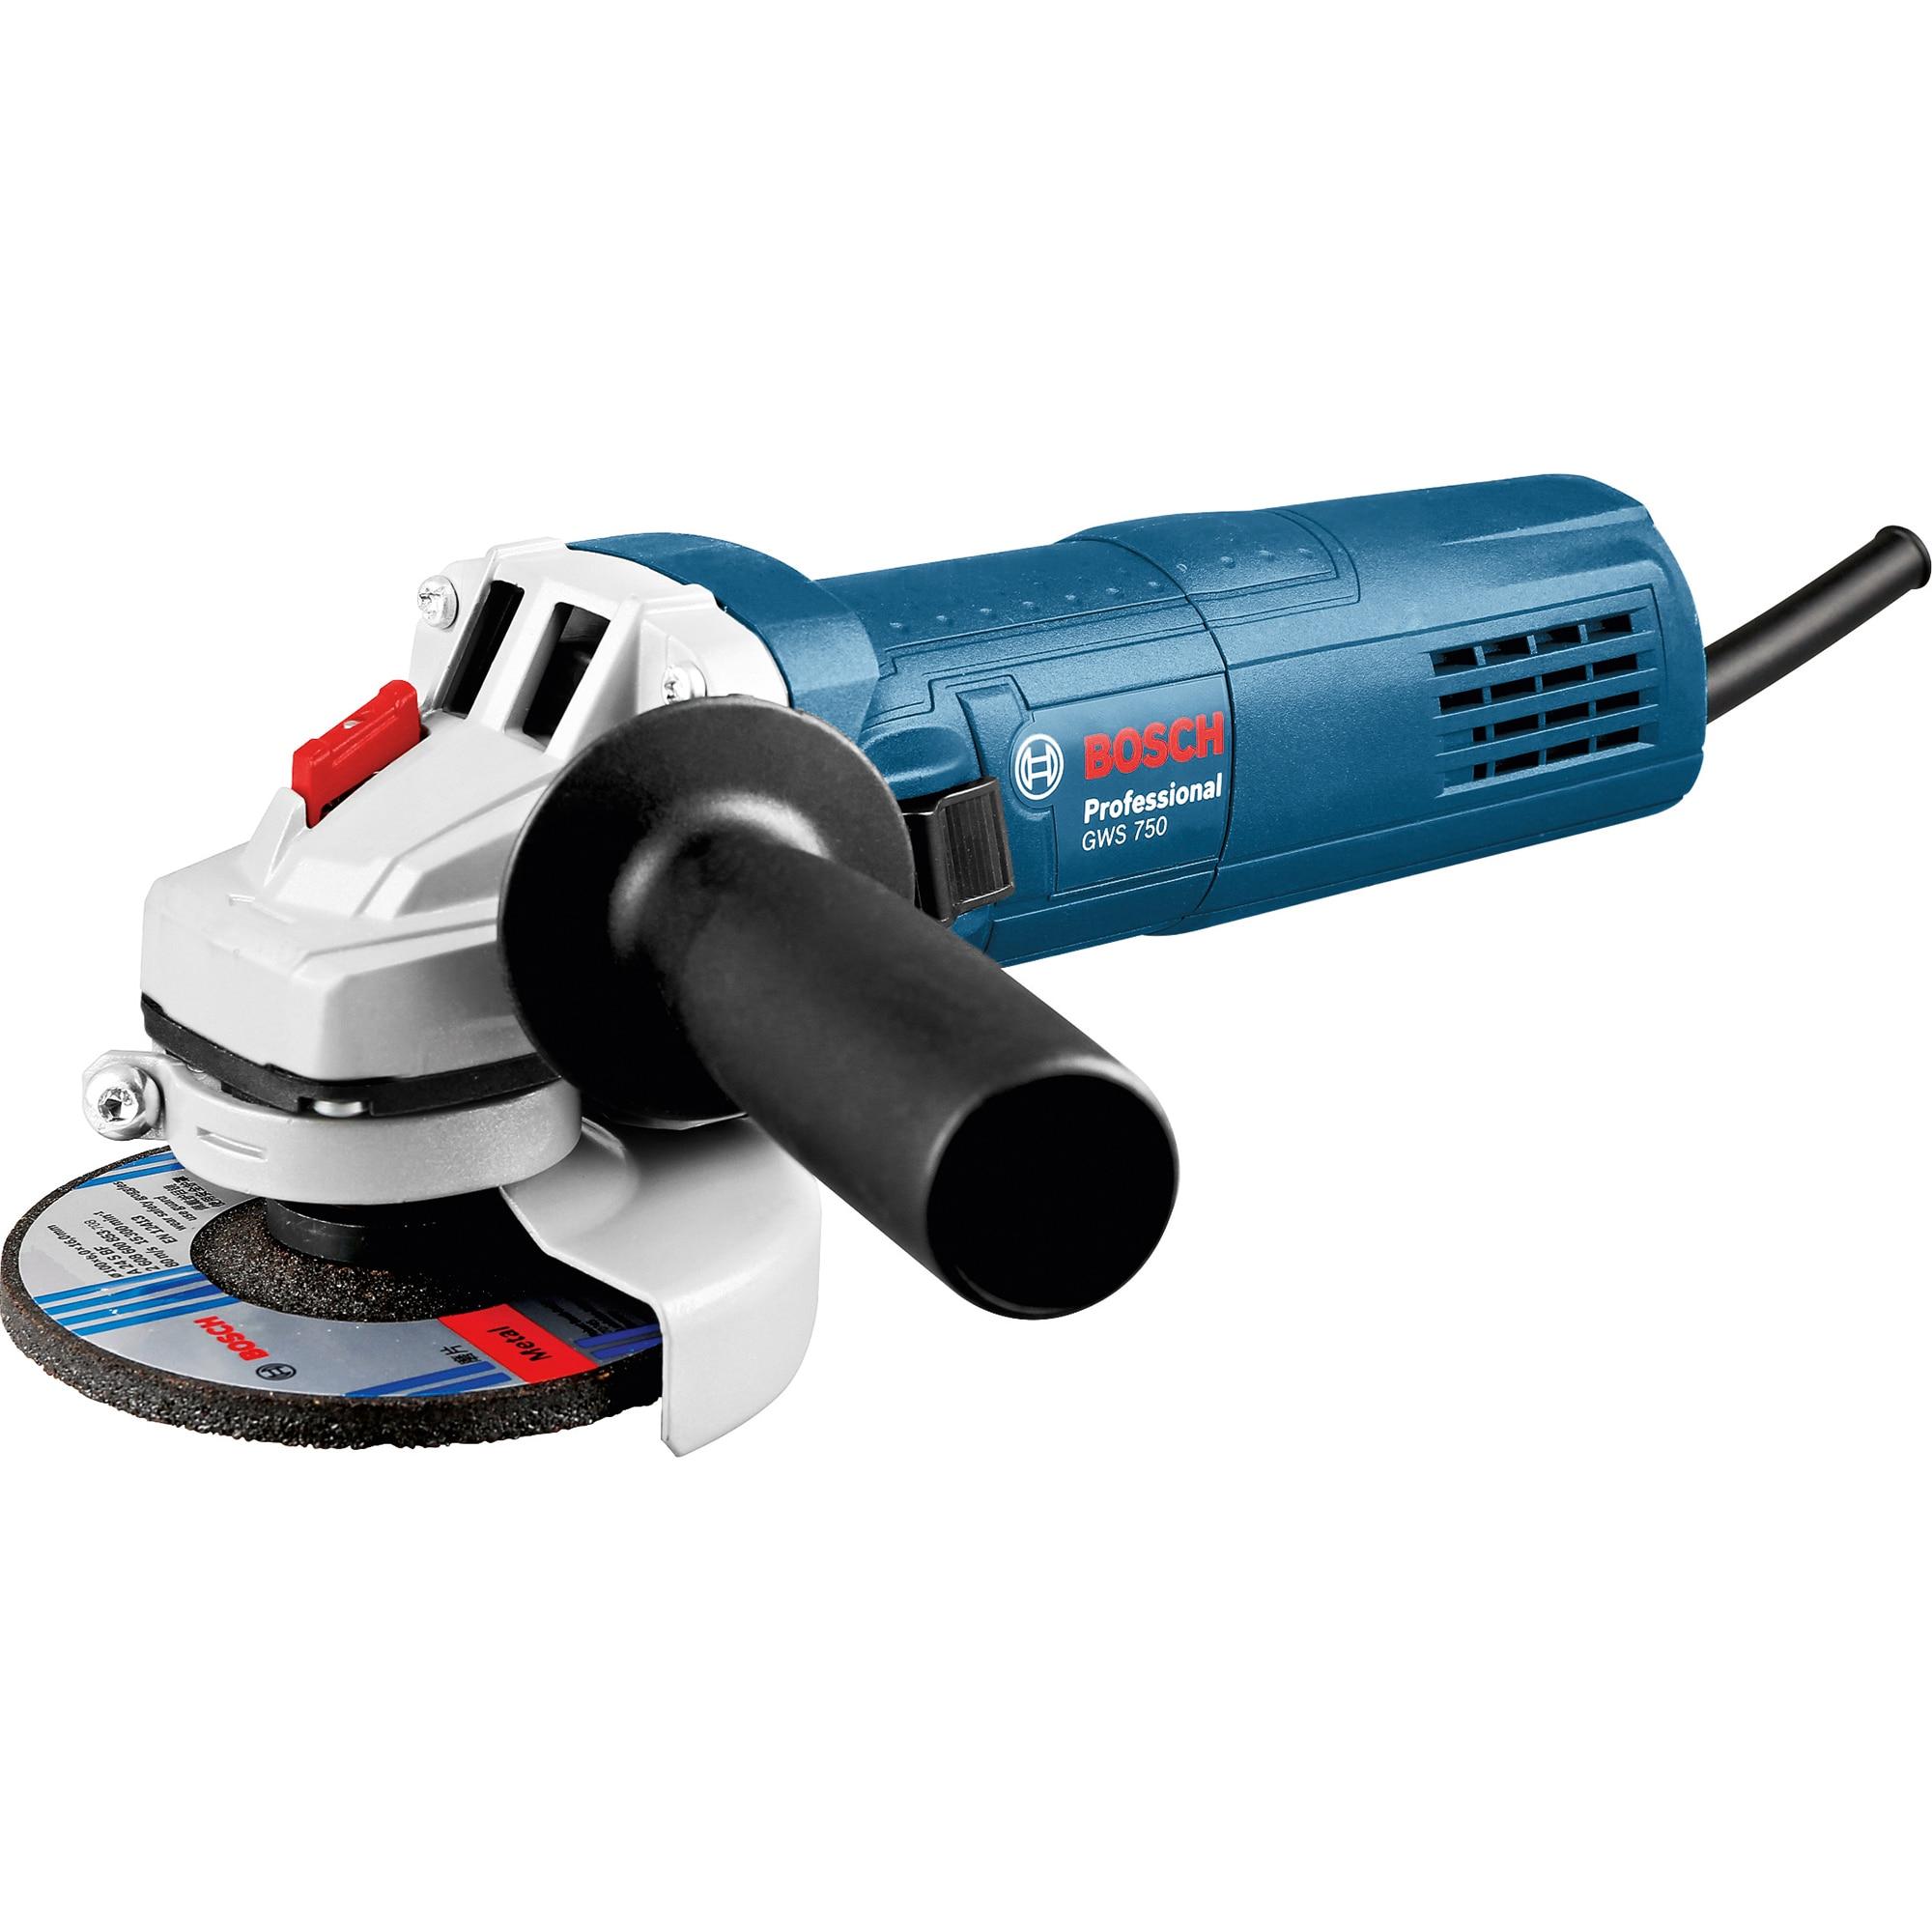 Fotografie Polizor unghiular (flex) Bosch Professional GWS 750, 750 W, 11000 RPM, 125 mm diametru disc, accesorii incluse